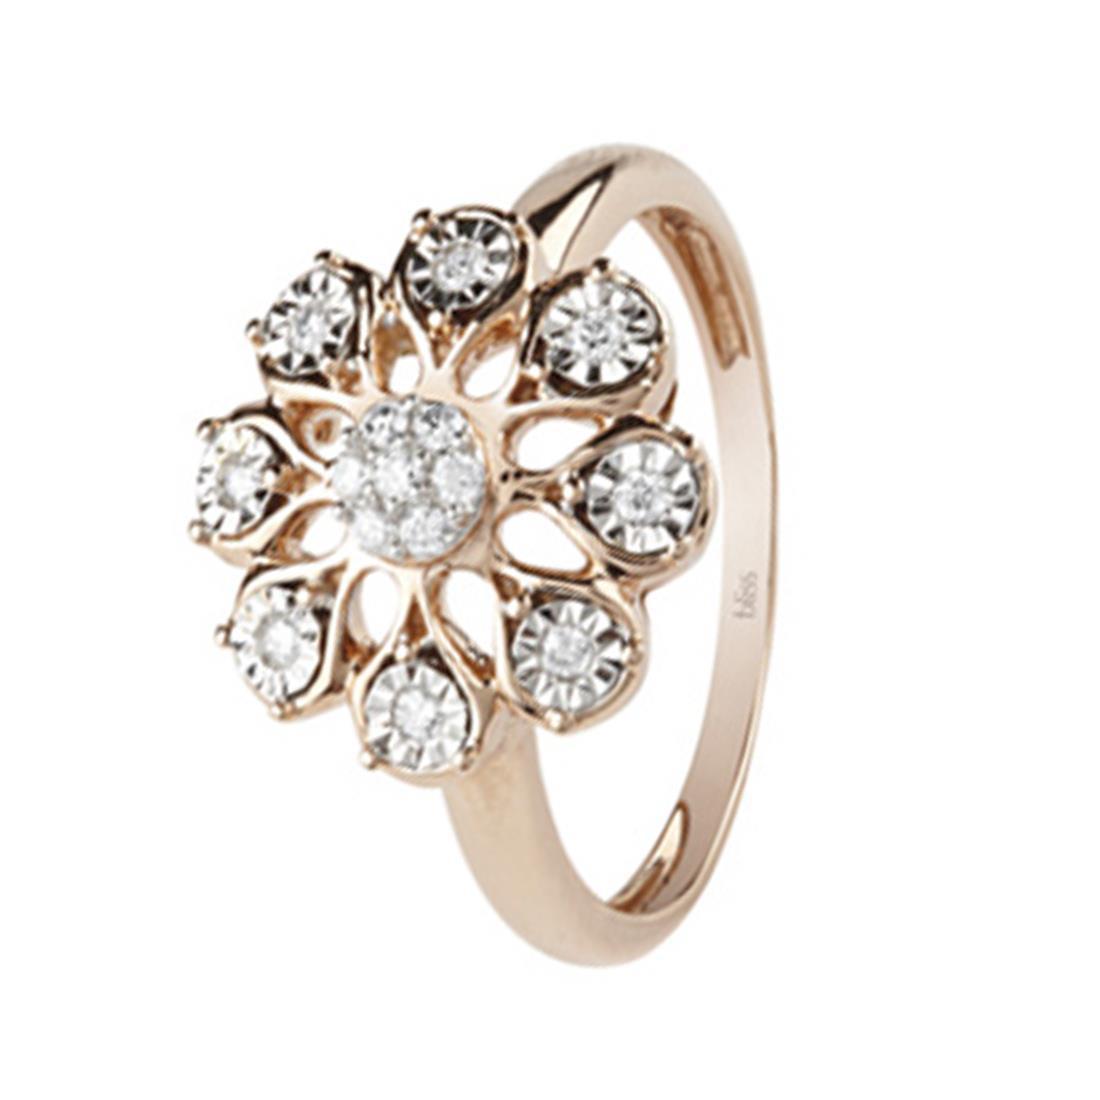 Anello con diamanti ct. 0,12 - BLISS